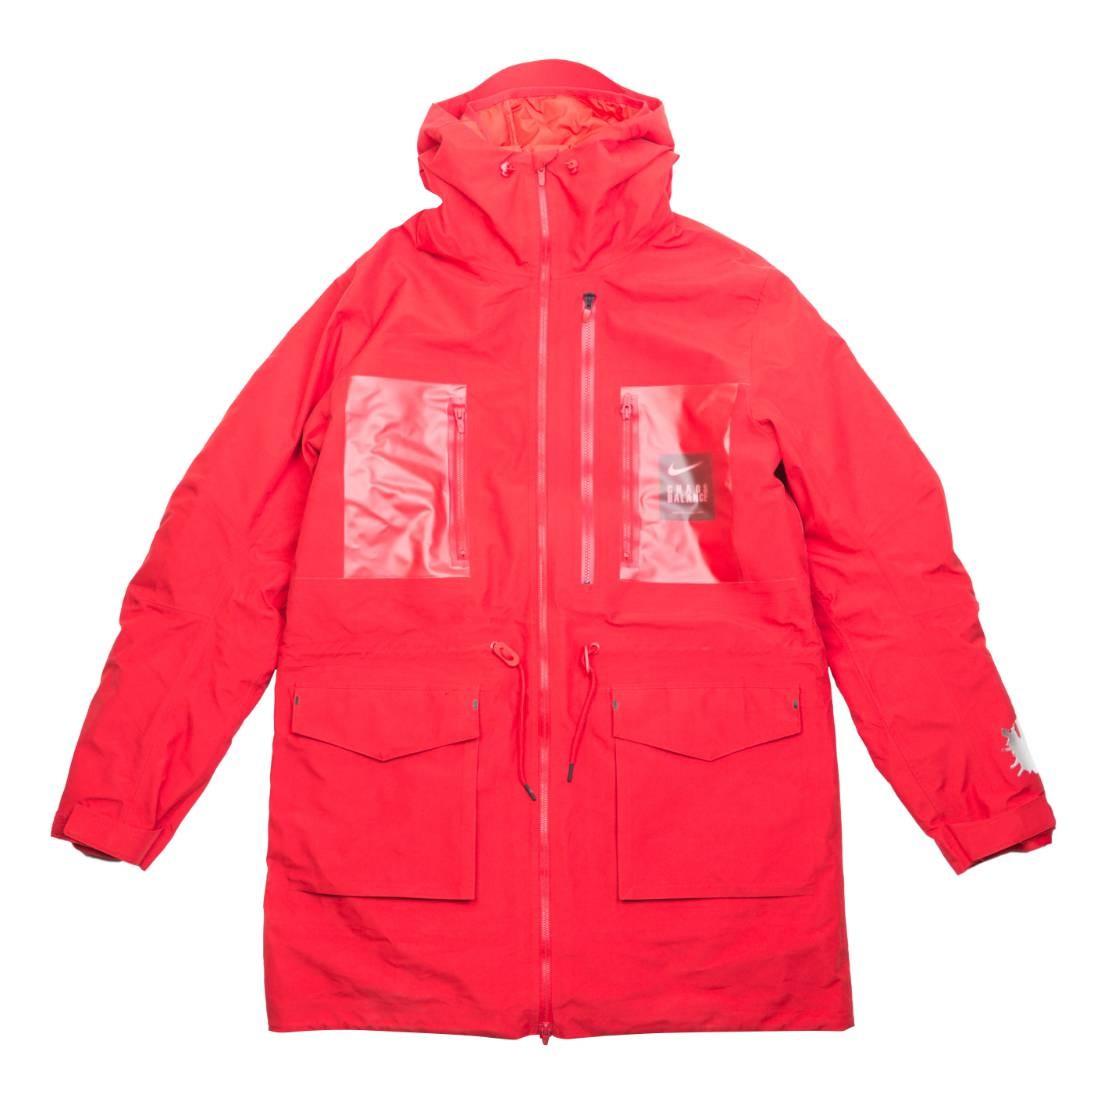 Nike Men M Nrg Tc Parka Fish Tail 3L Hooded Jacket (sport red / white)